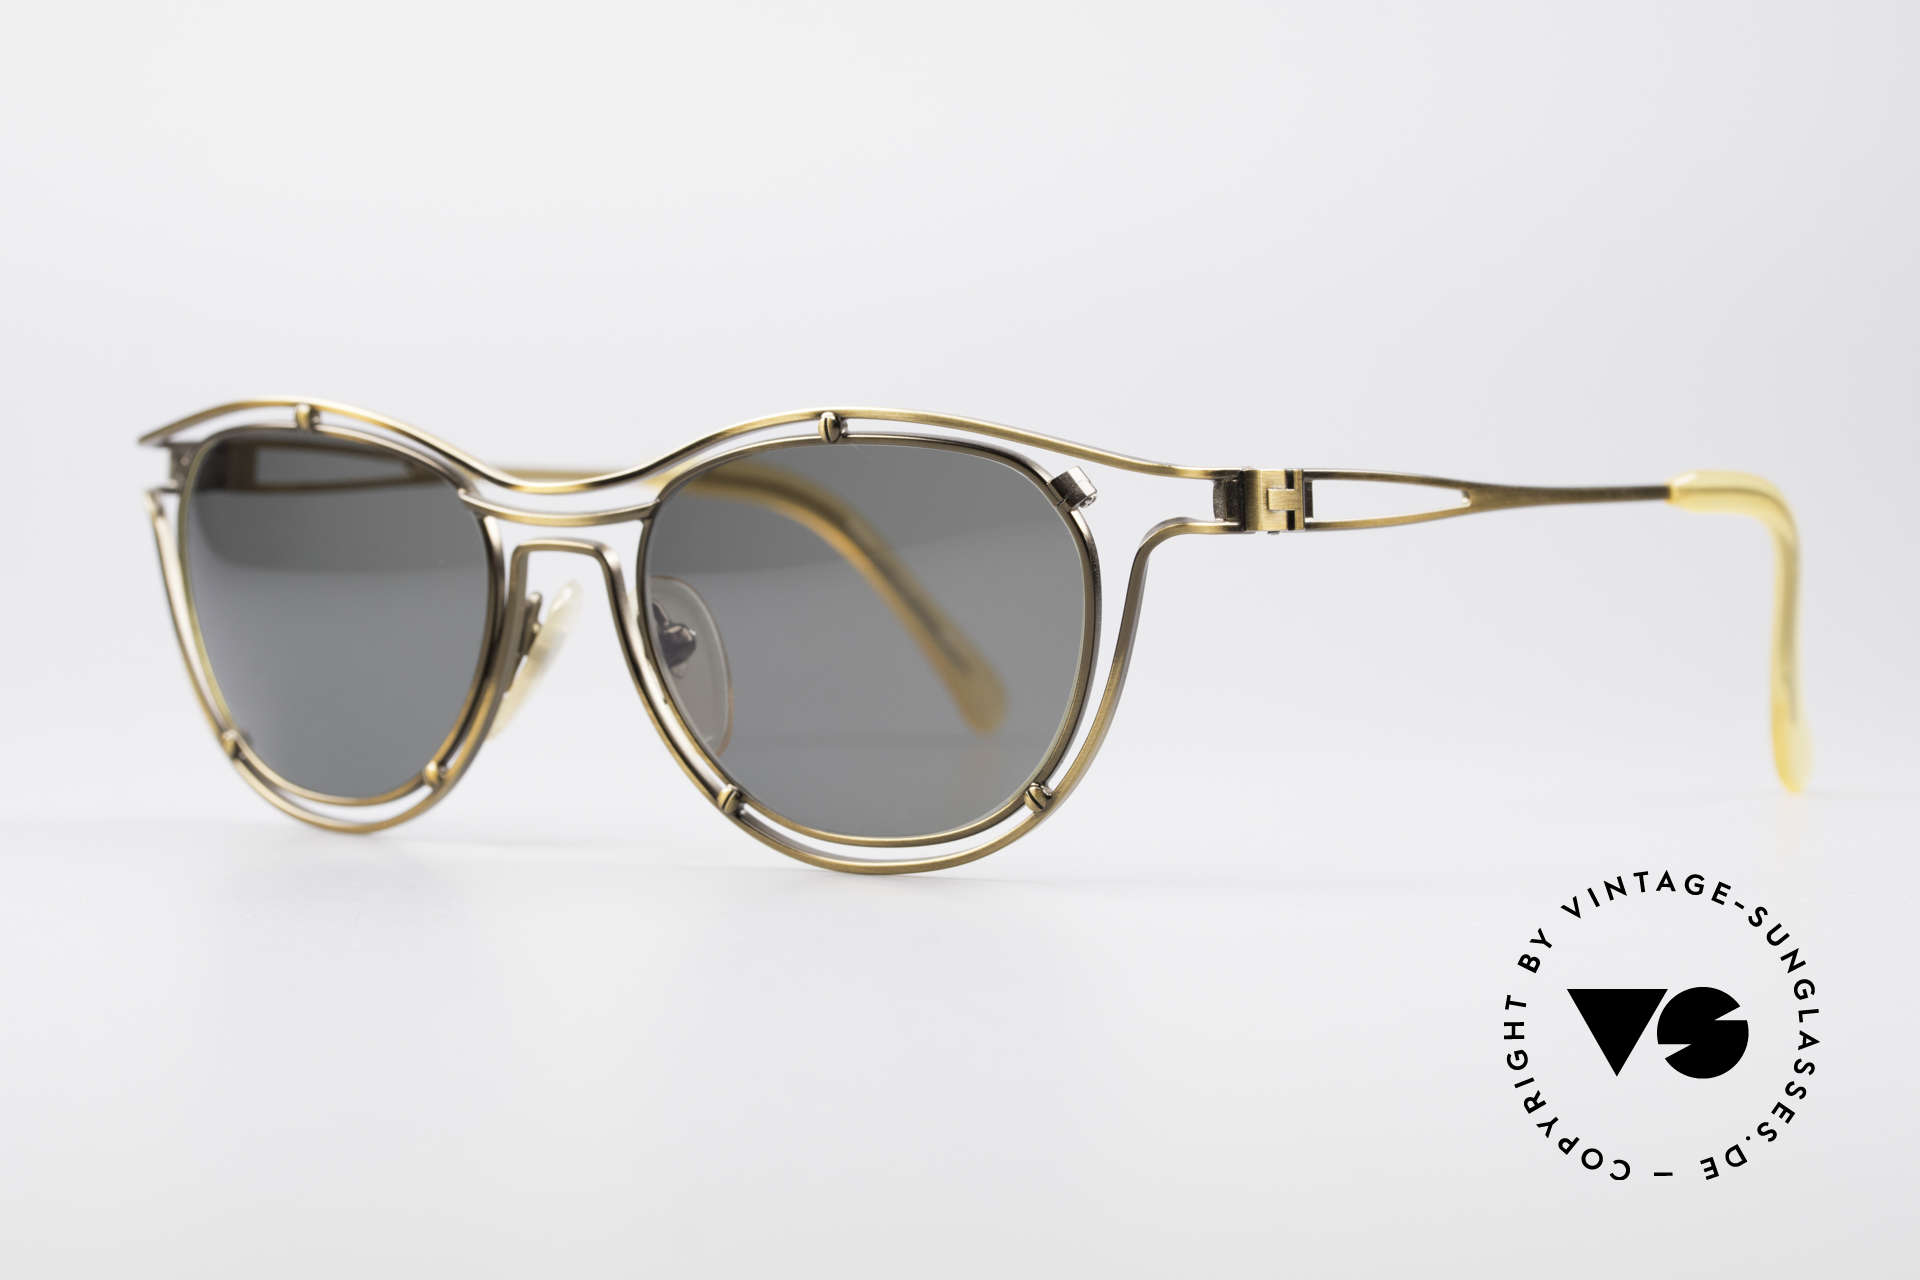 Jean Paul Gaultier 56-2176 90er Designer Sonnenbrille, edler Bronze-Schimmer & dunkelgrün/graue Gläser, Passend für Herren und Damen